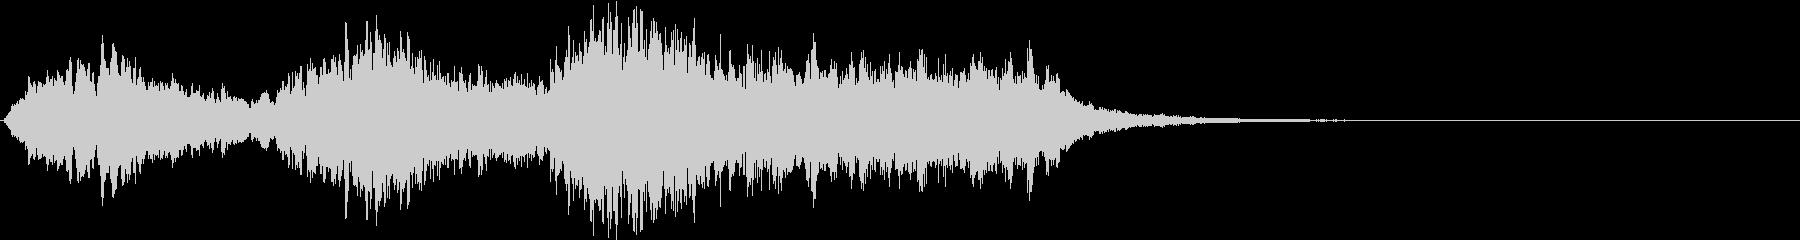 ボーイソプラノ5 アート芸術聖歌 10秒の未再生の波形